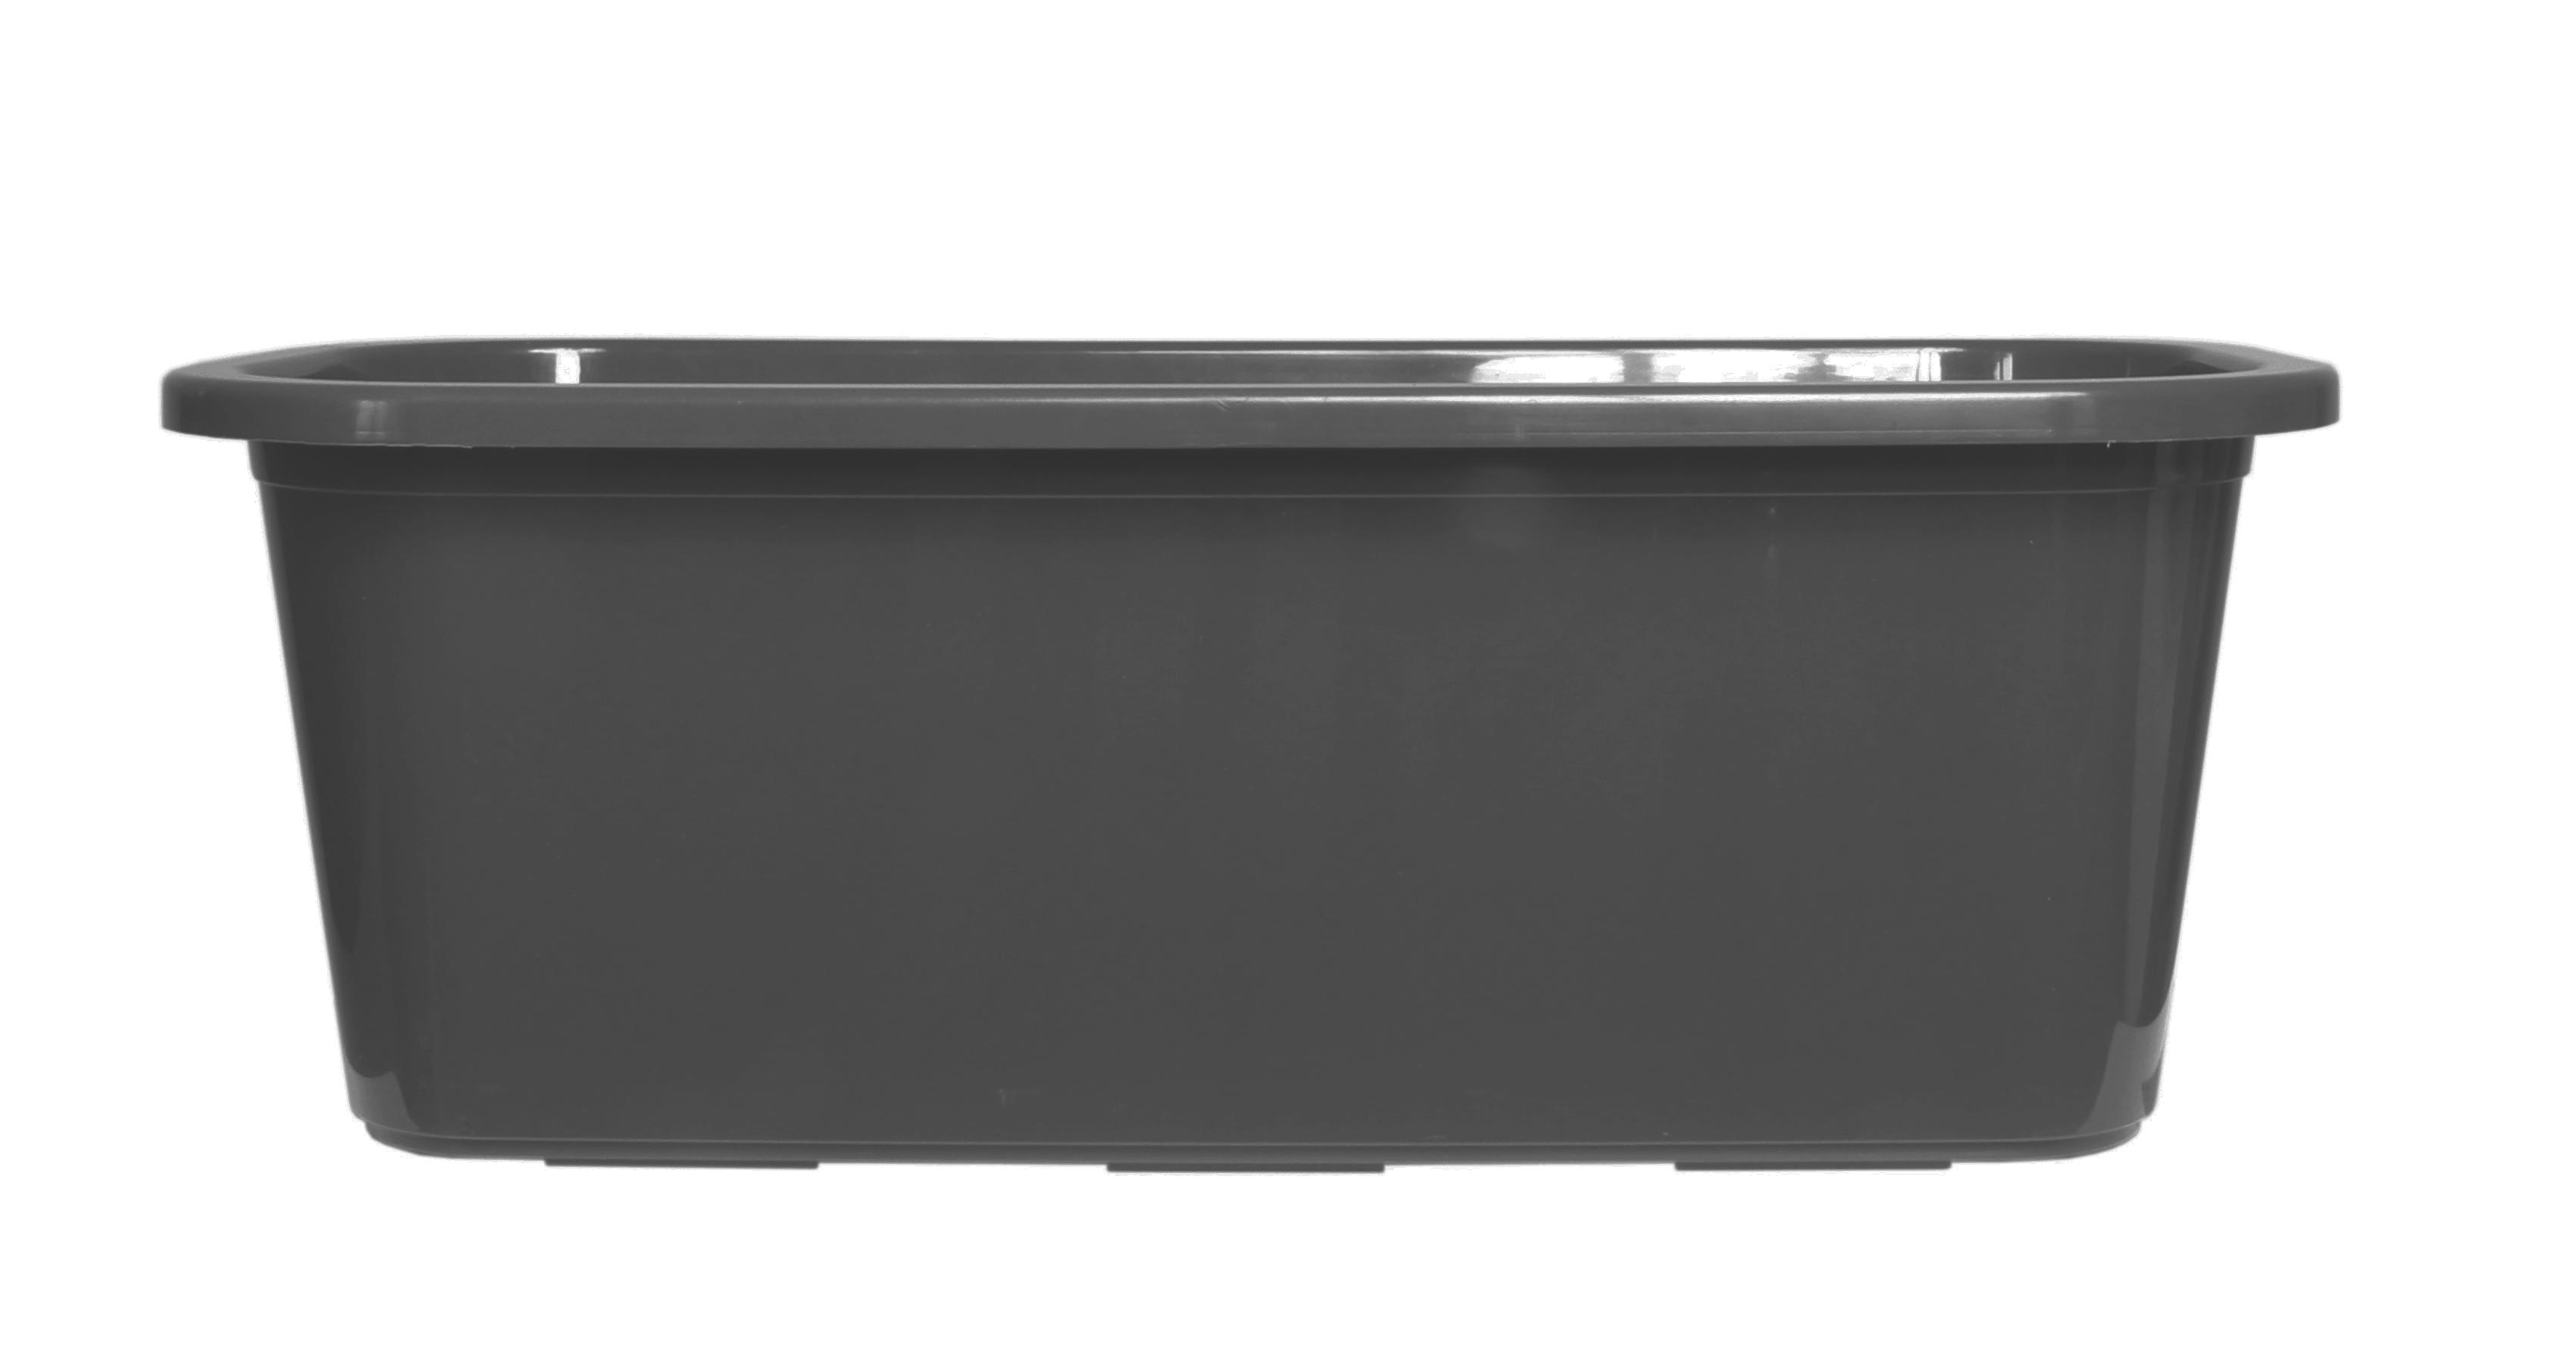 ondis24 balkonkasten mit untersetzer inkl bew sserungssystem. Black Bedroom Furniture Sets. Home Design Ideas